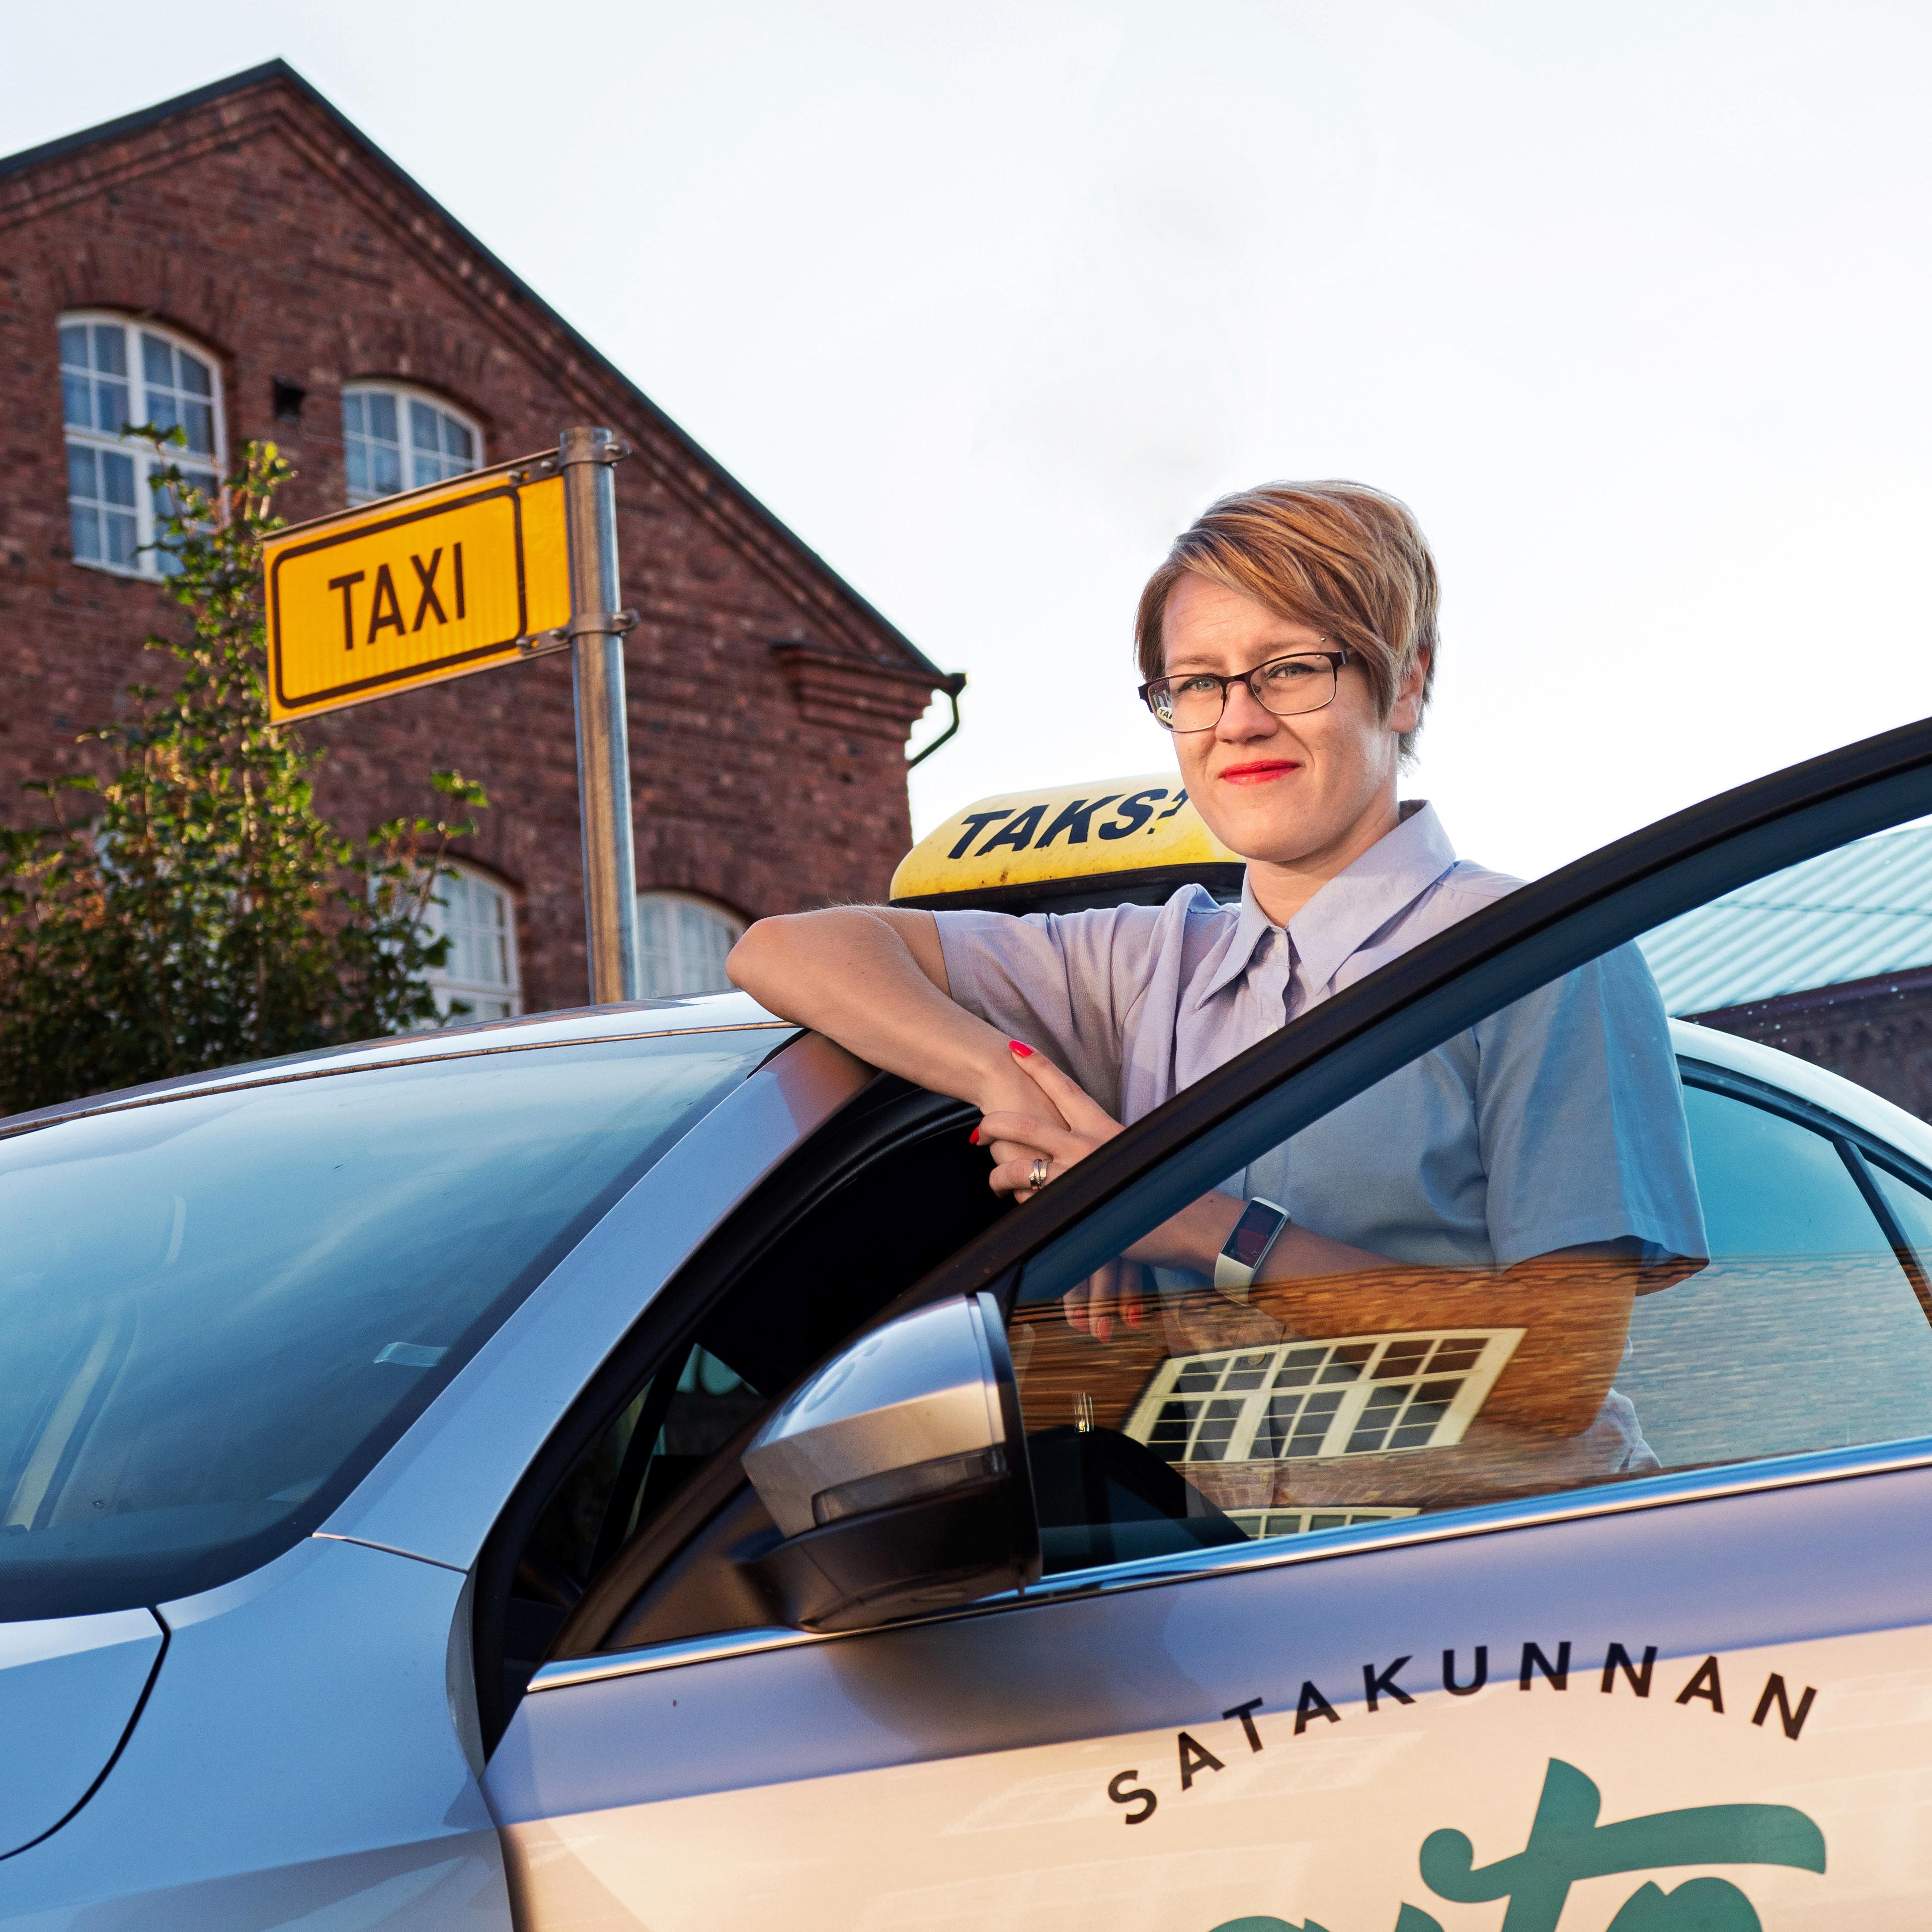 Taksikuski Palkka